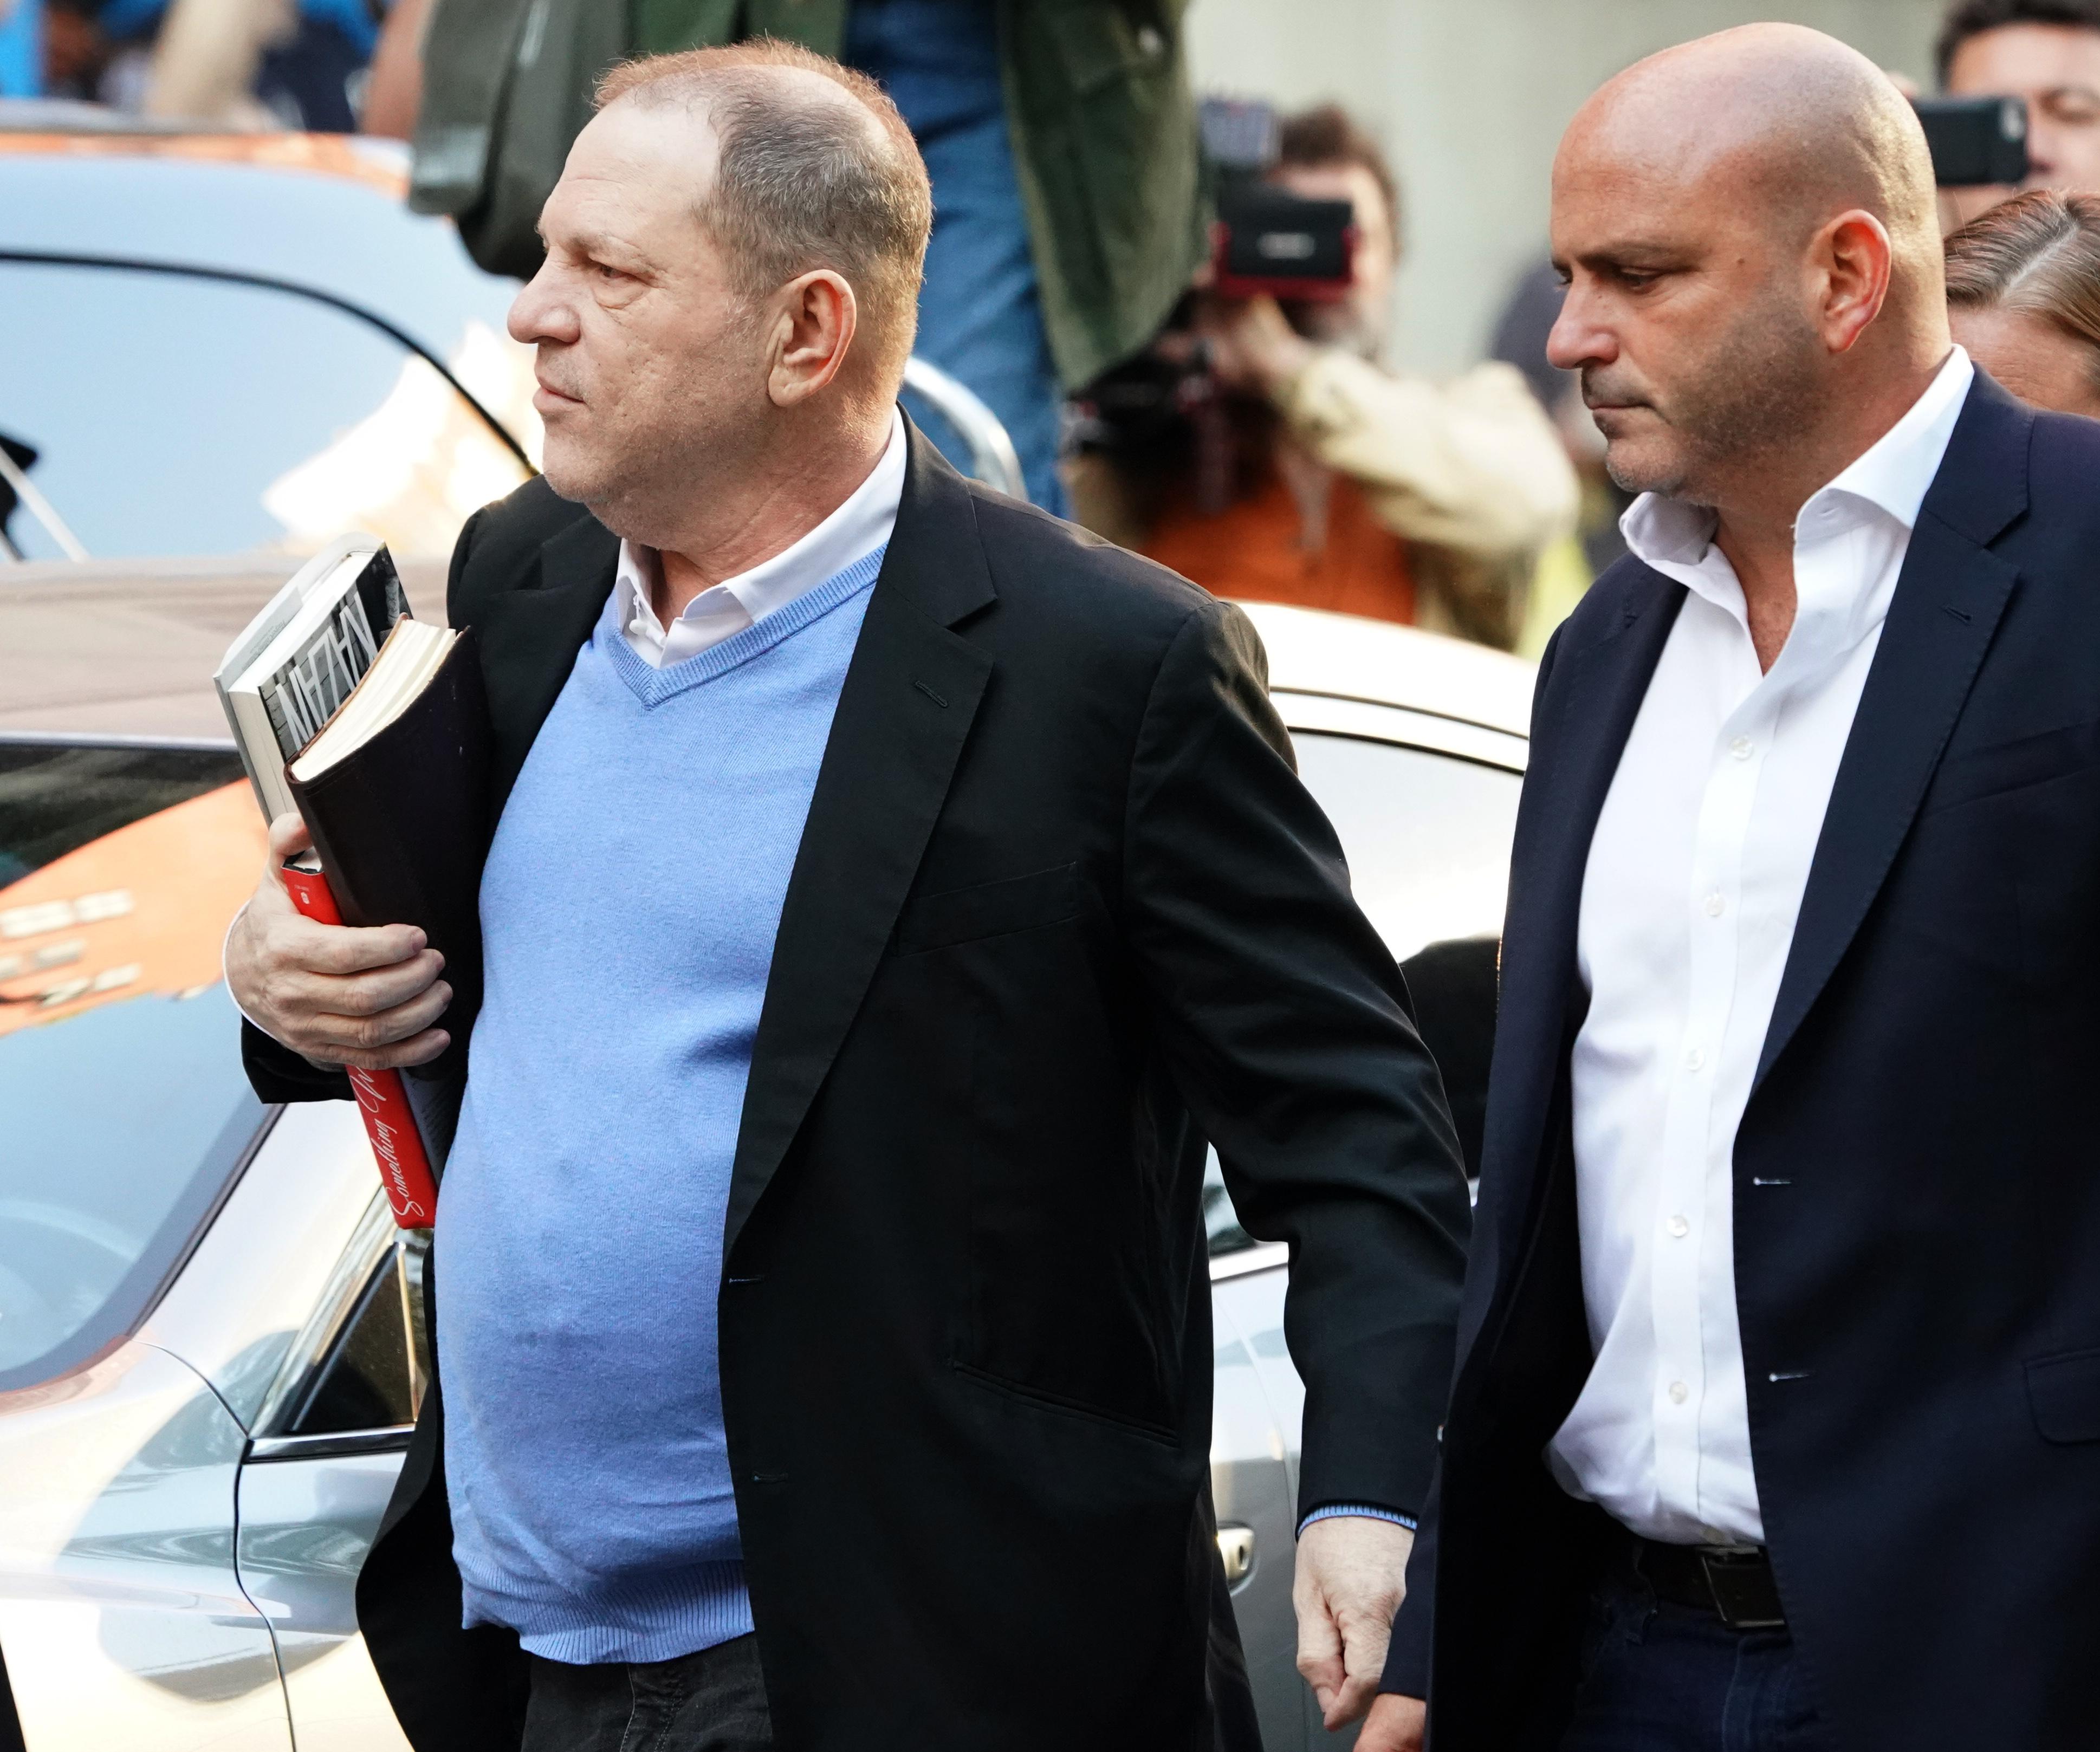 Bilincsben vitték a bíróságra Harvey Weinsteint